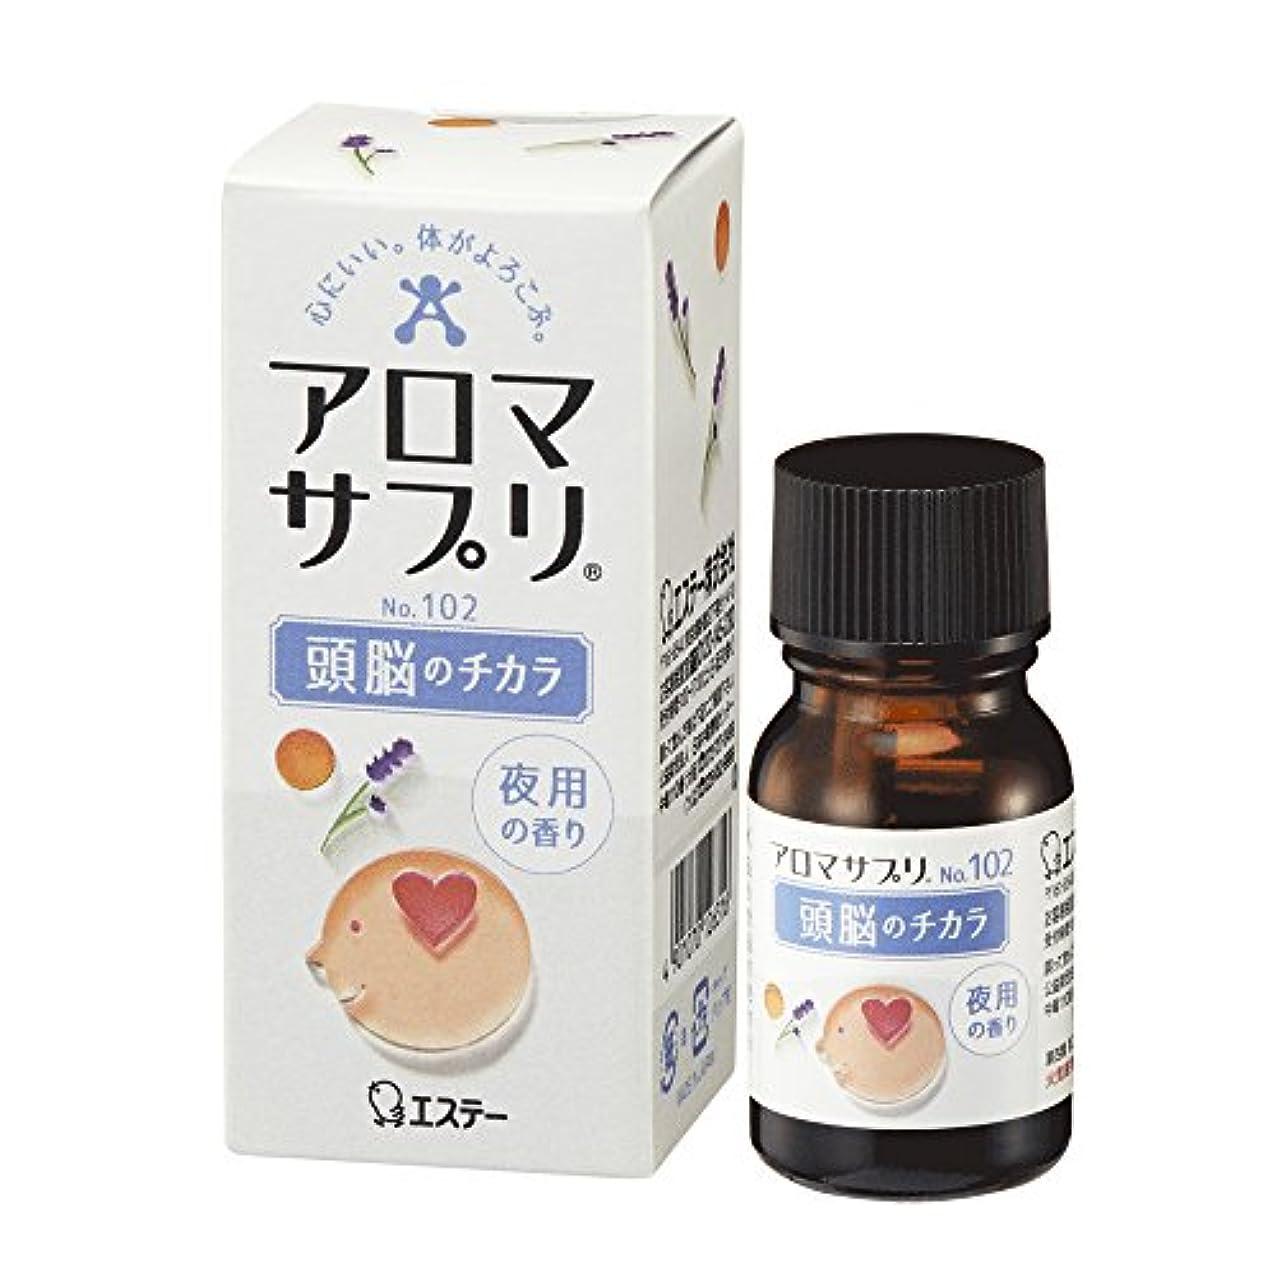 アロマサプリ 100%天然ブレンドアロマ 頭脳のチカラ 夜用の香り 真正ラベンダー&スイートオレンジ 10ml (約60回分)